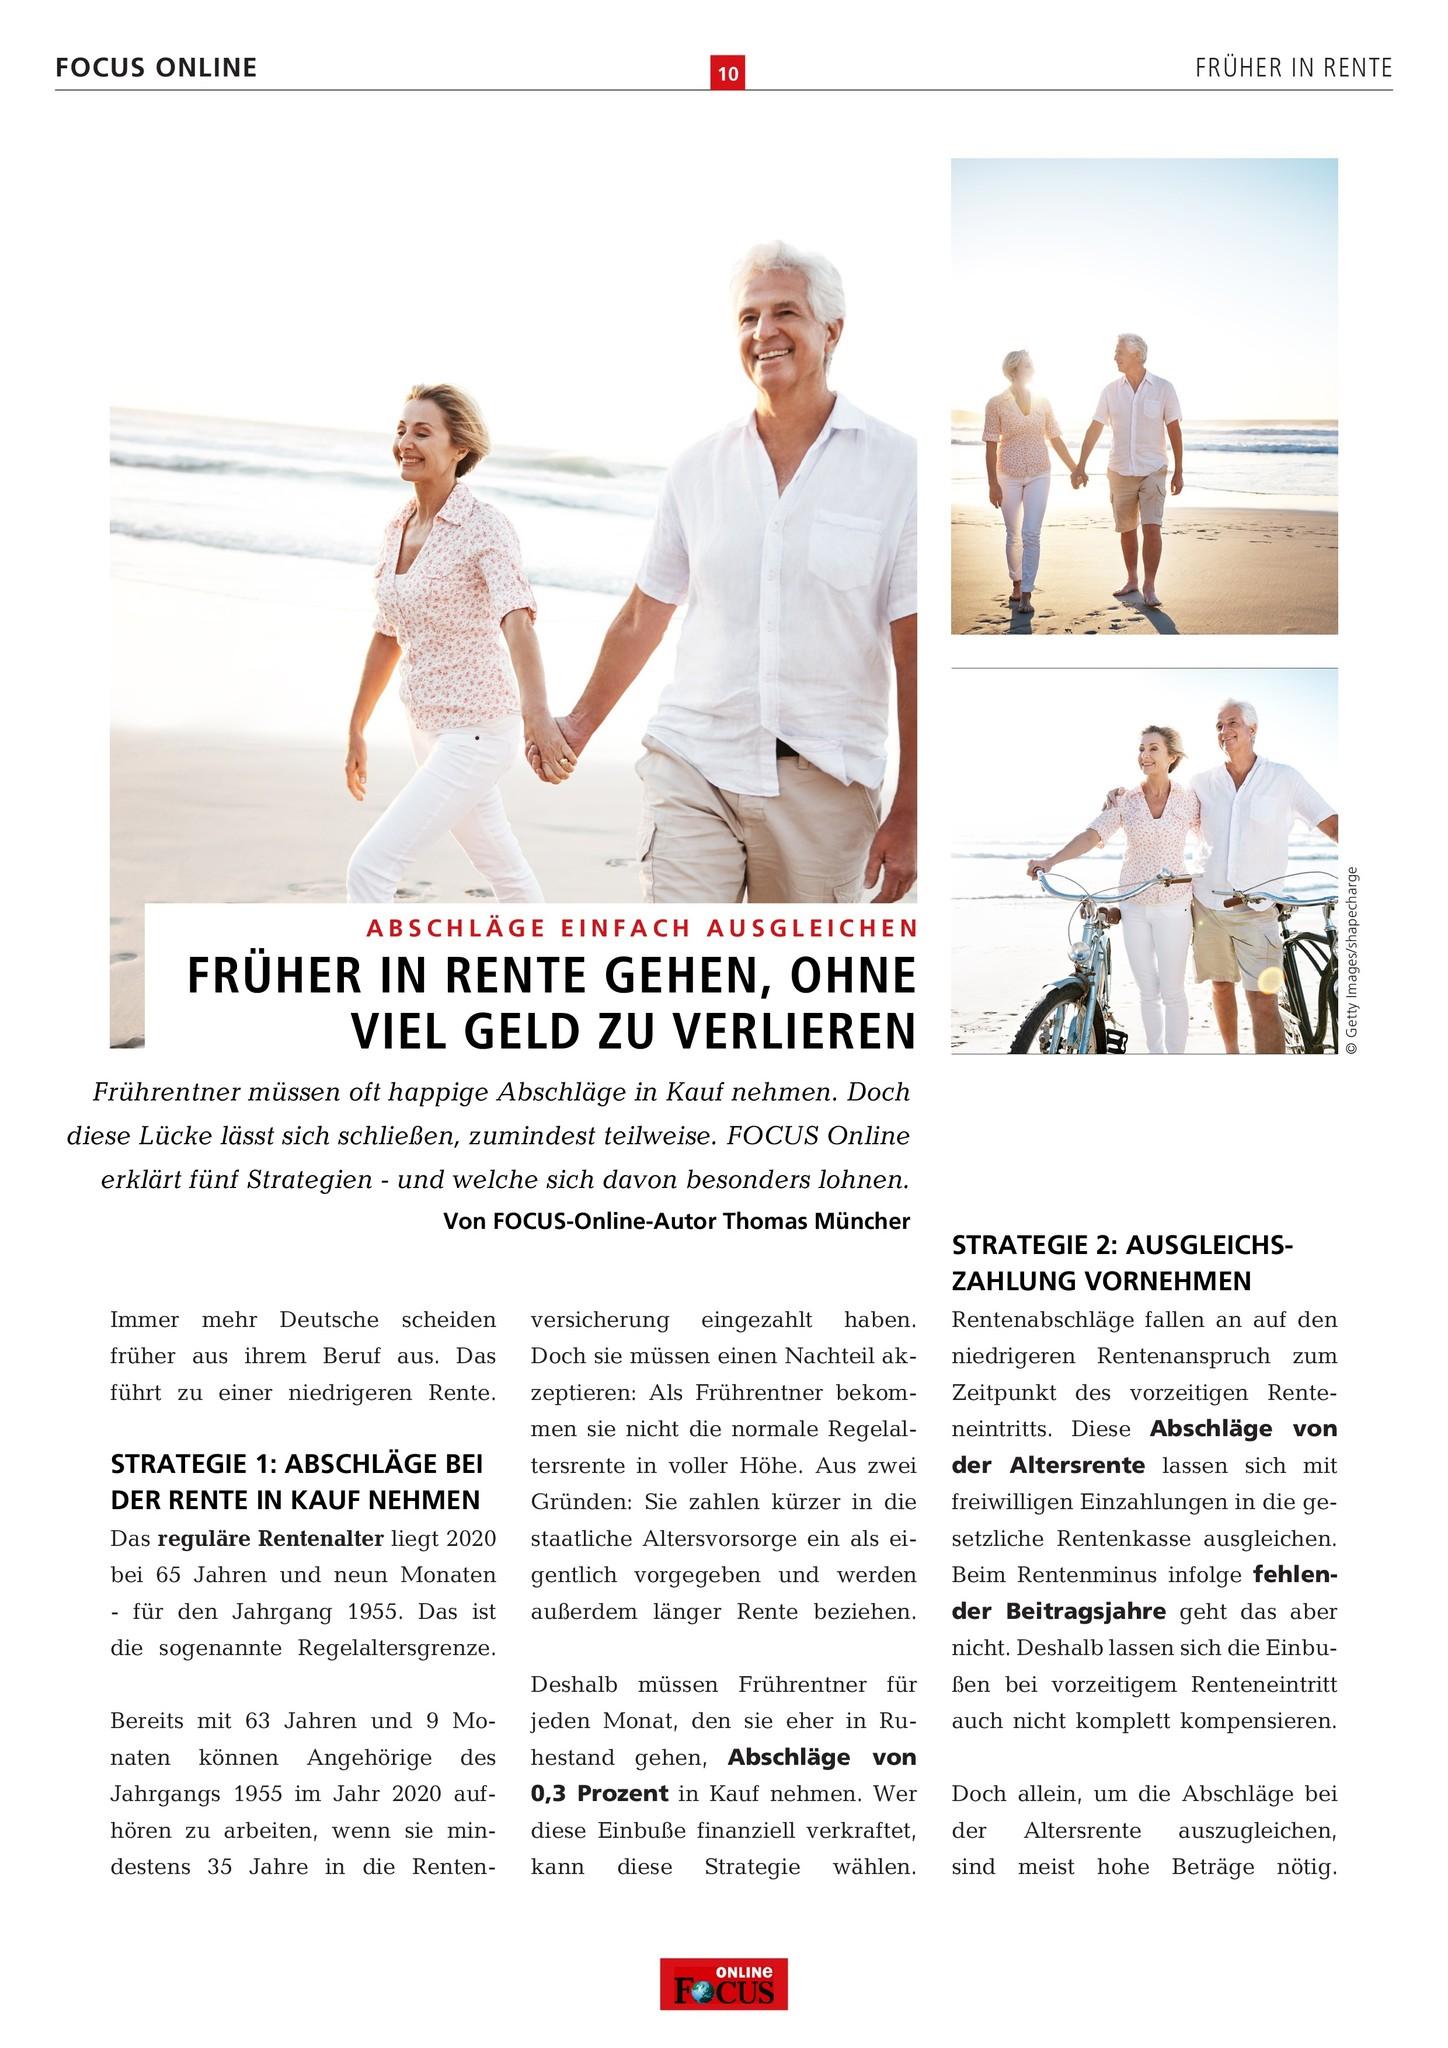 FOCUS Online Früher in Rente: Verdienter Ruhestand